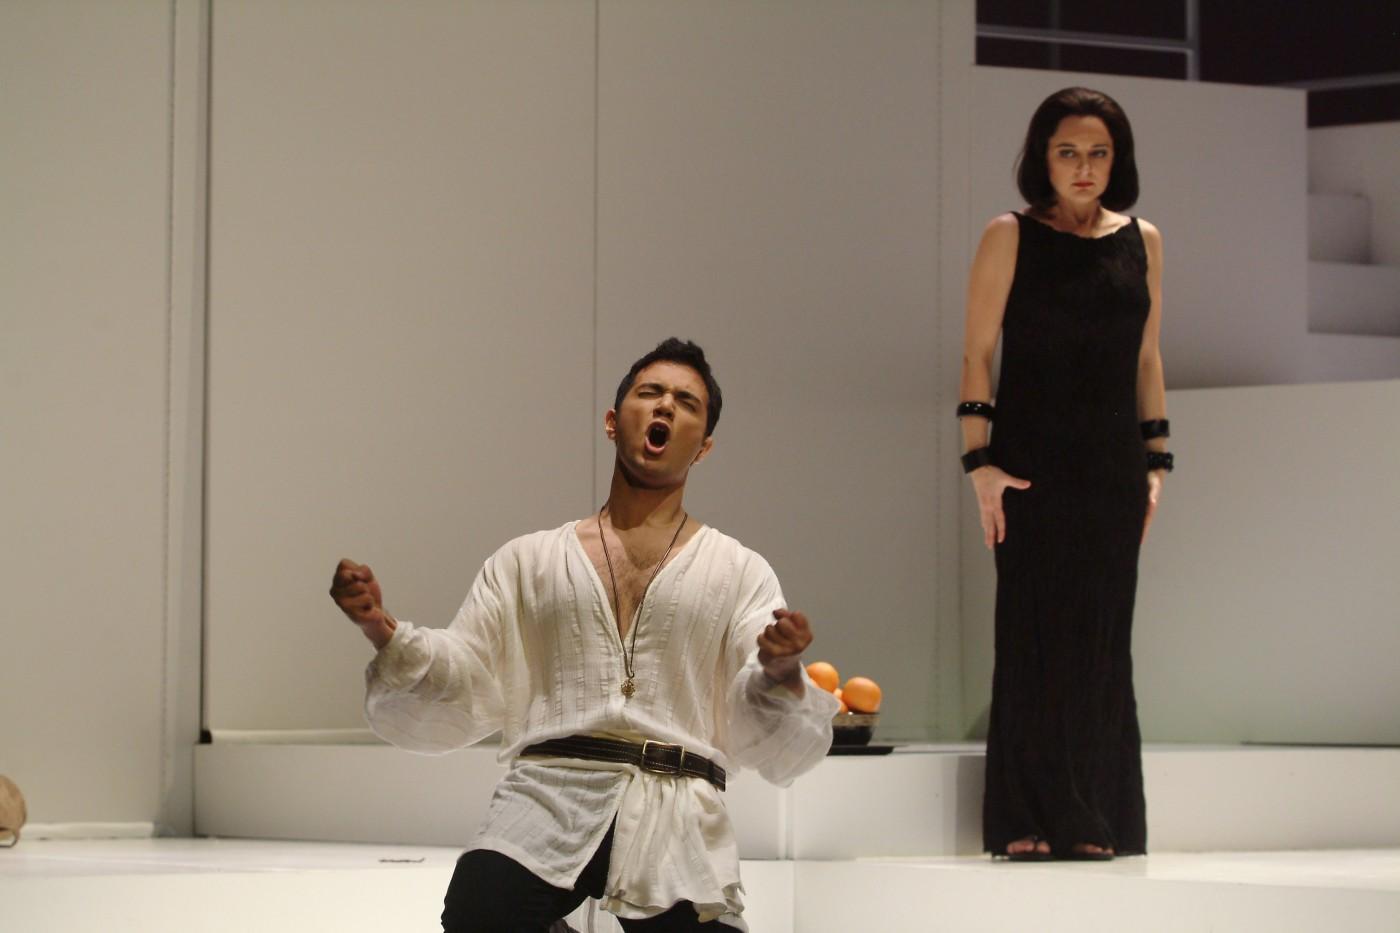 Telemaco in  Il ritorno d'Ulisse in patria  (Monteverdi) at Chicago Opera Theater with Marie Lenormand, mezzo-soprano (Photo credit: Liz Lauren)